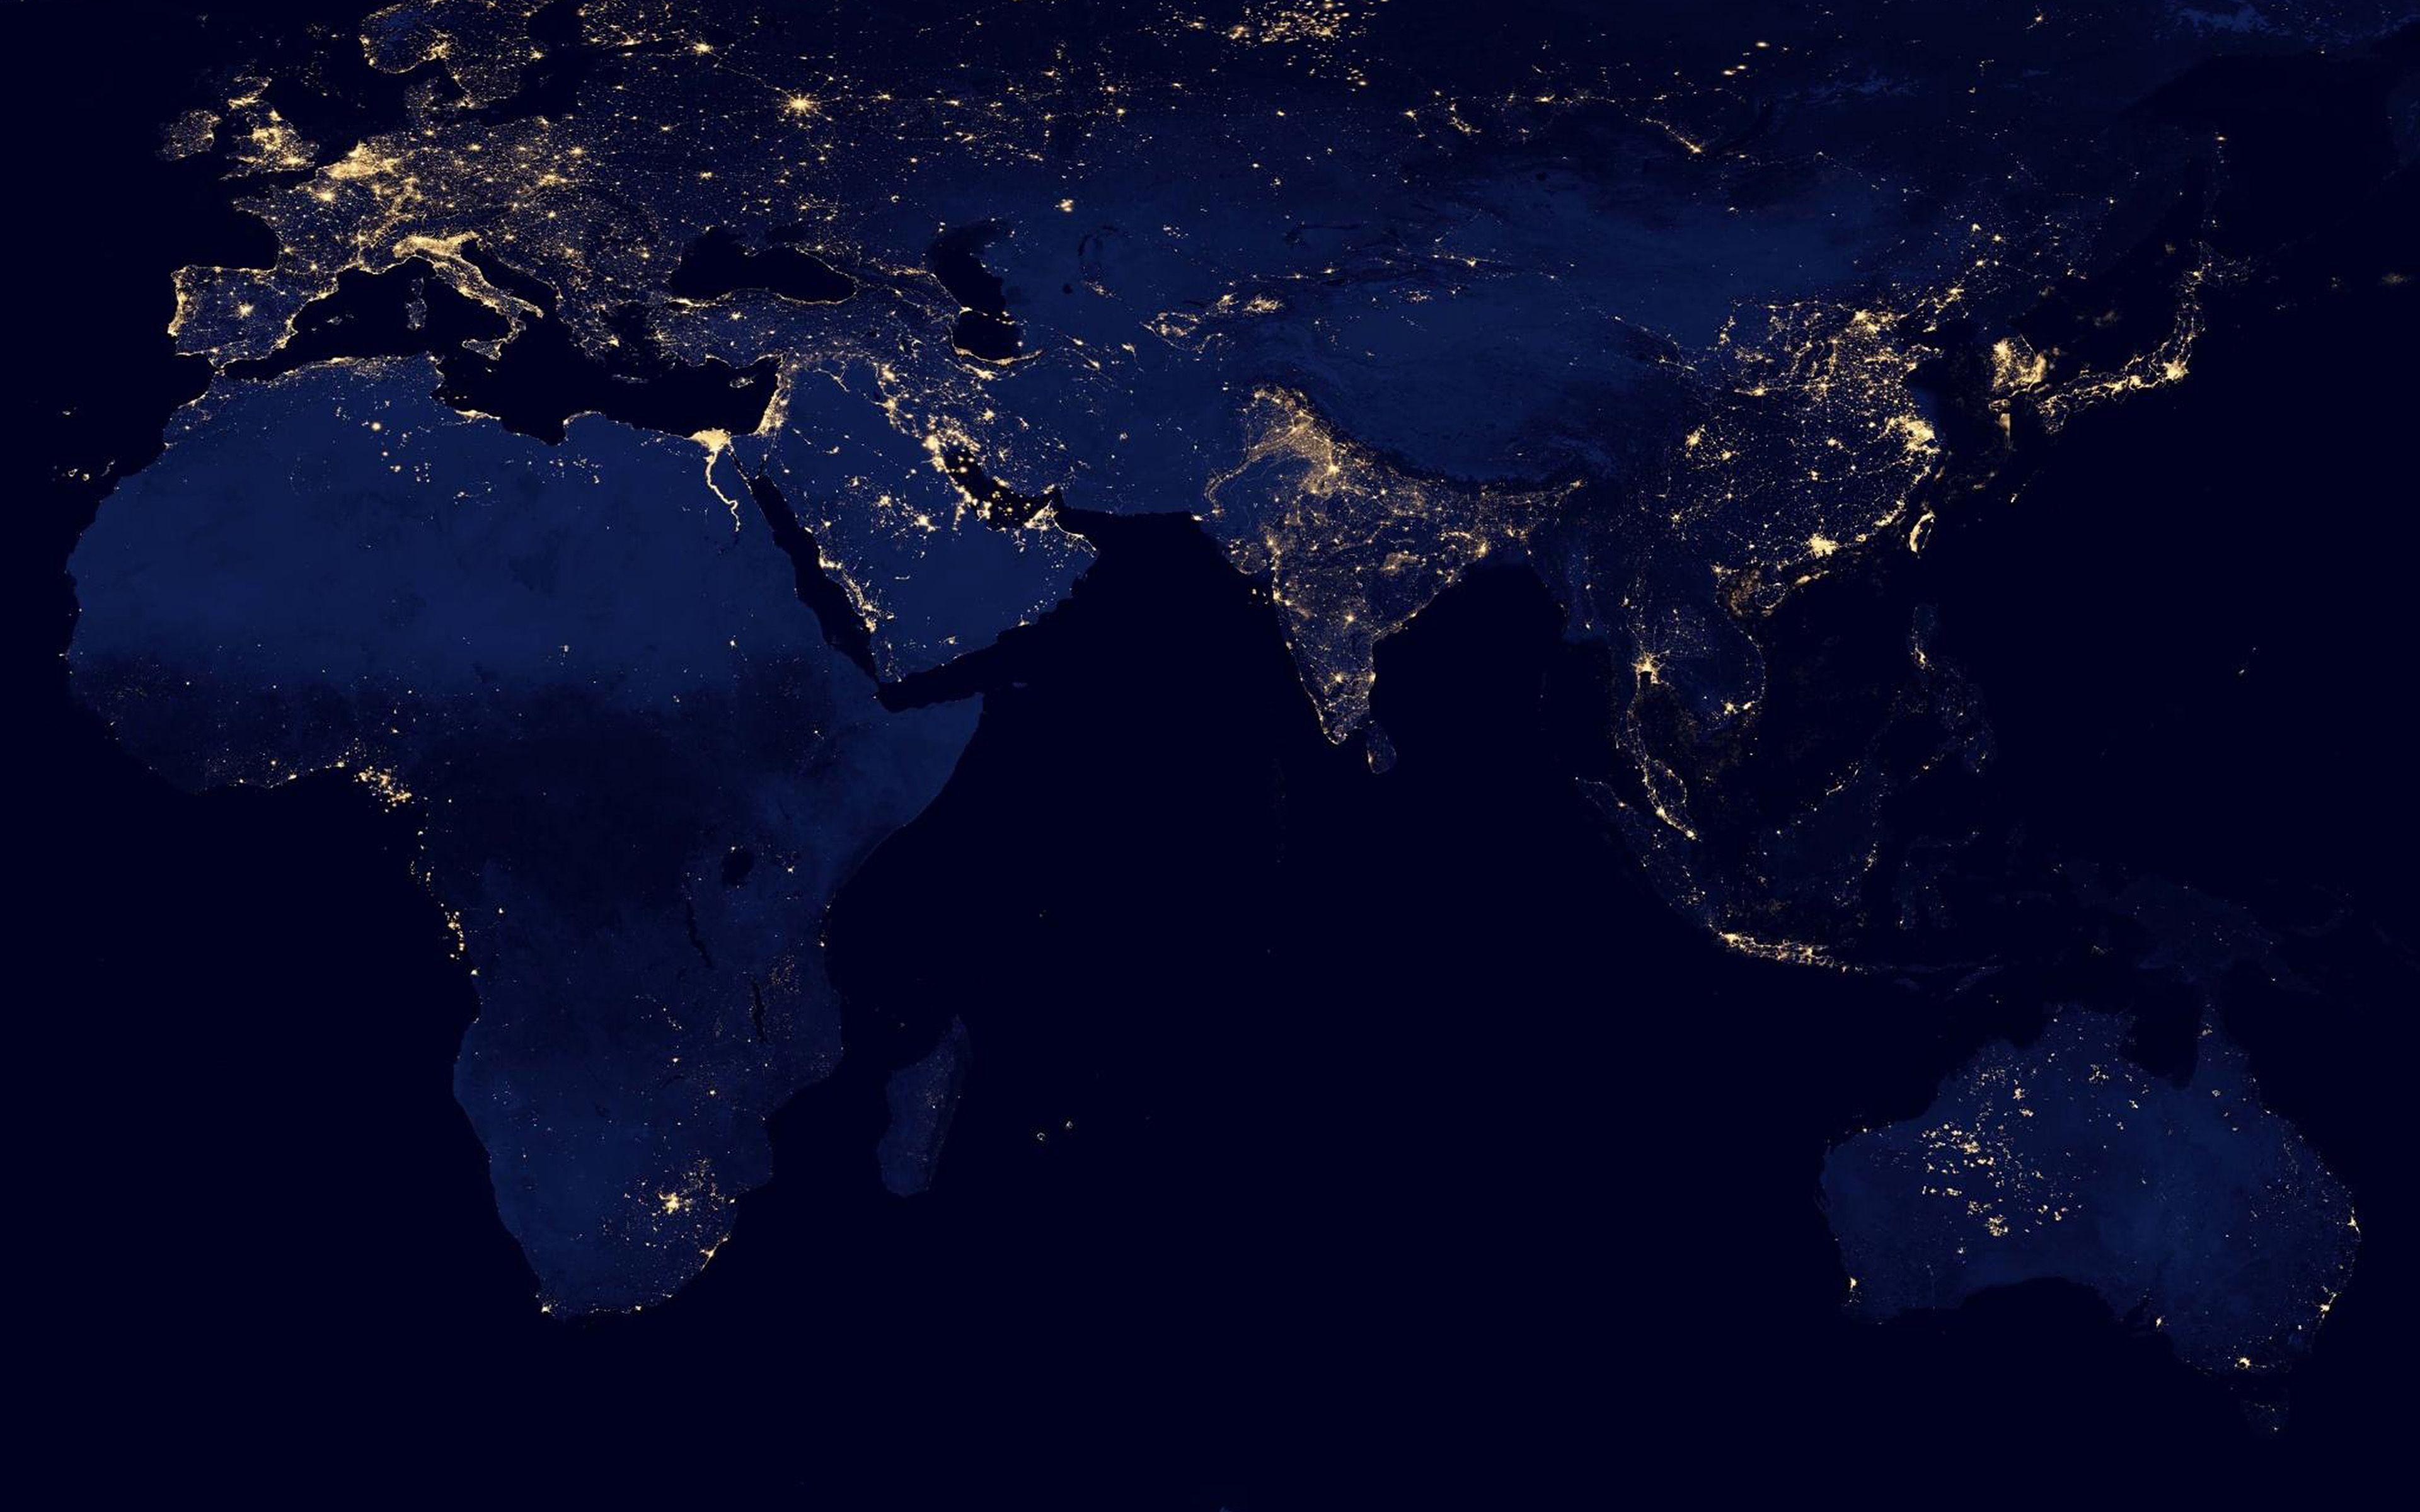 Bản đồ thế giới 3840x2400 Bản đồ màu xanh lam đậm Hình ảnh nghệ thuật